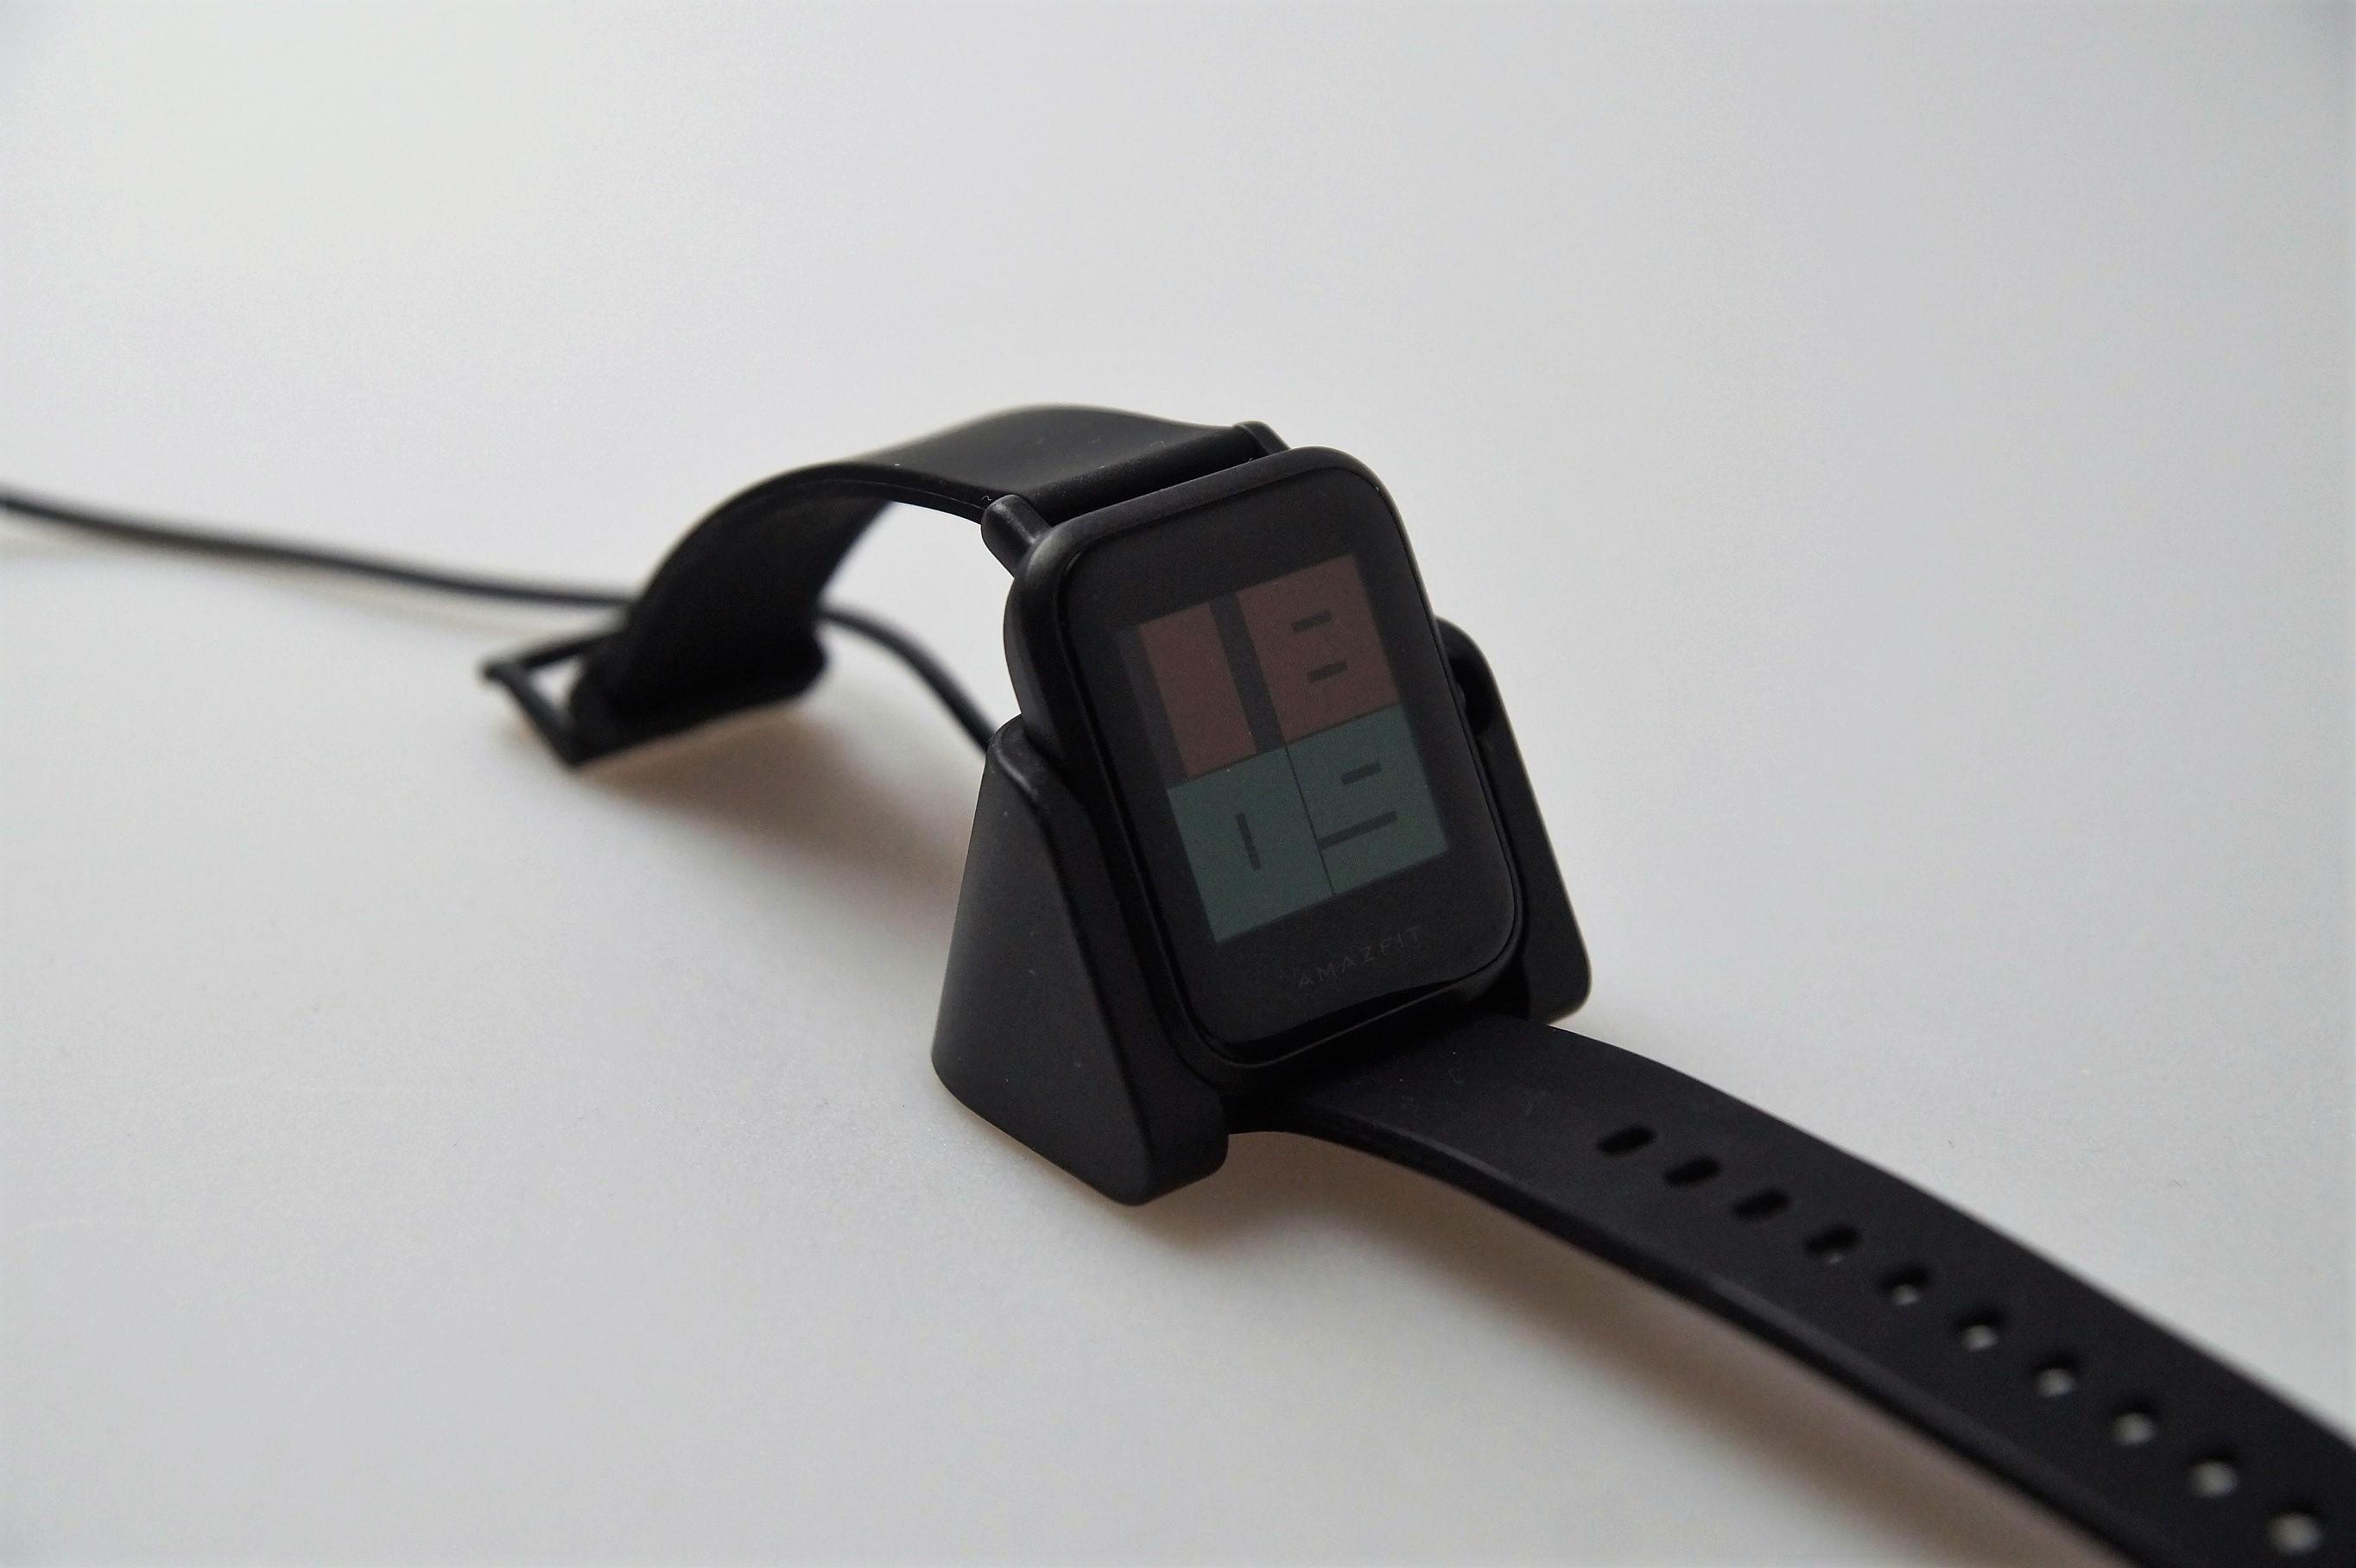 Huami Amazfit Bip Testbericht Ein Mi Band 2 Mit Mehr Funktionen Smartwatch Replacement Strap 5